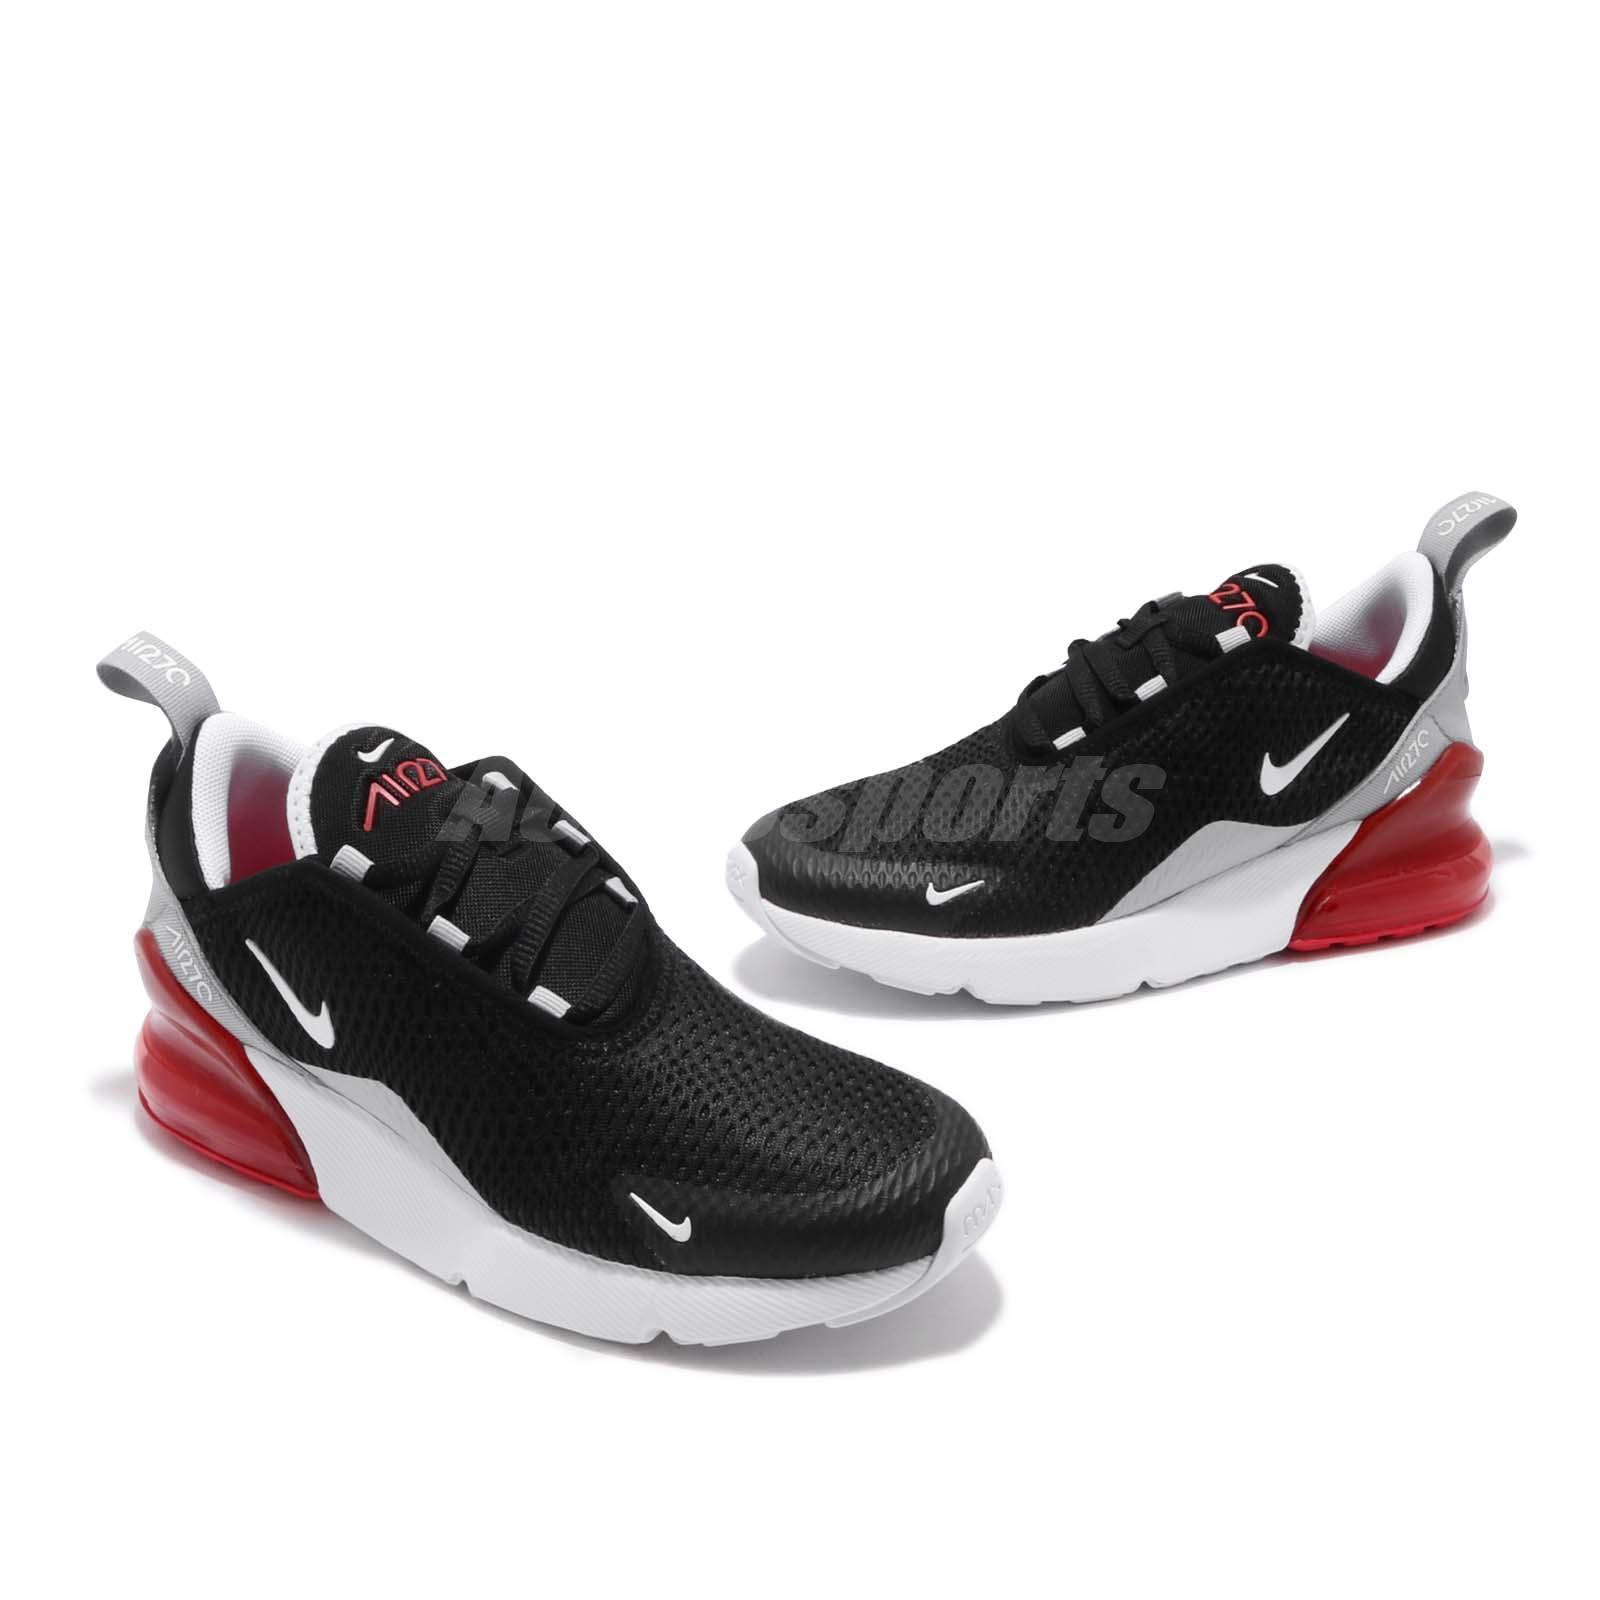 Detalles acerca de Nike Air Max 270 grade school Negro Blanco Rojo Niños Mujeres Tenis para Correr 943345 013 mostrar título original